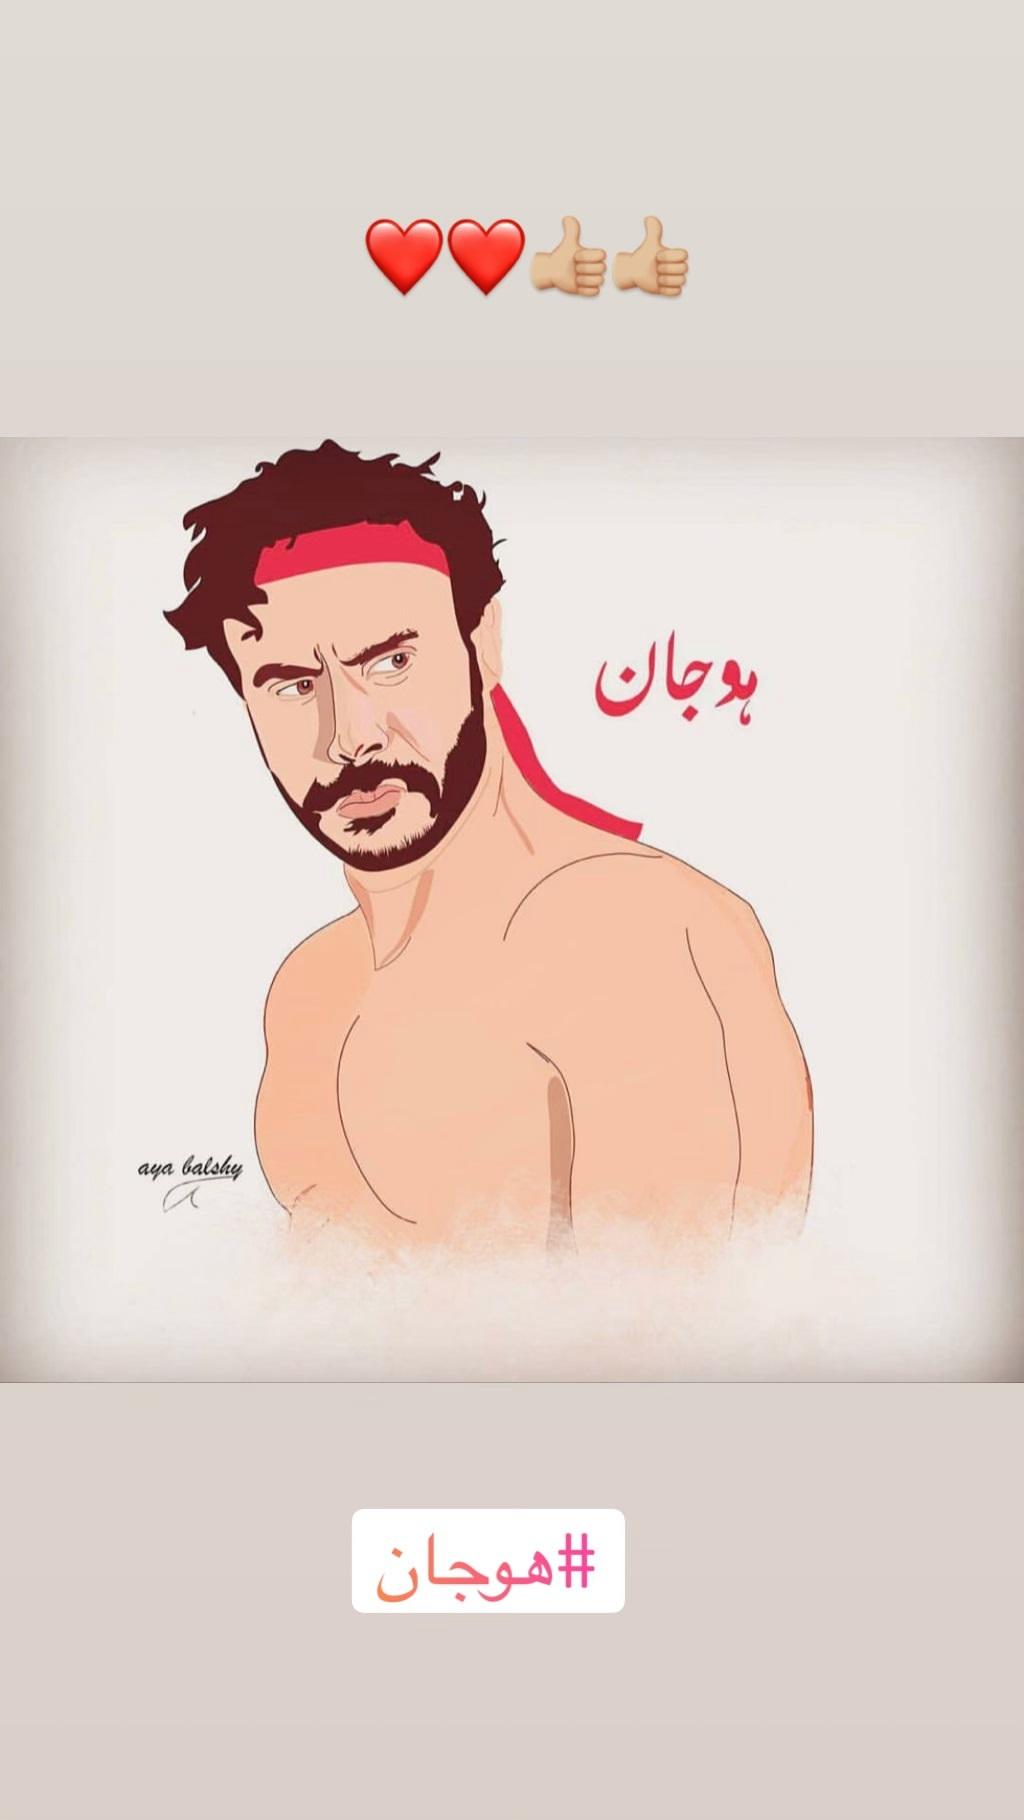 رسمة لمحمد امام